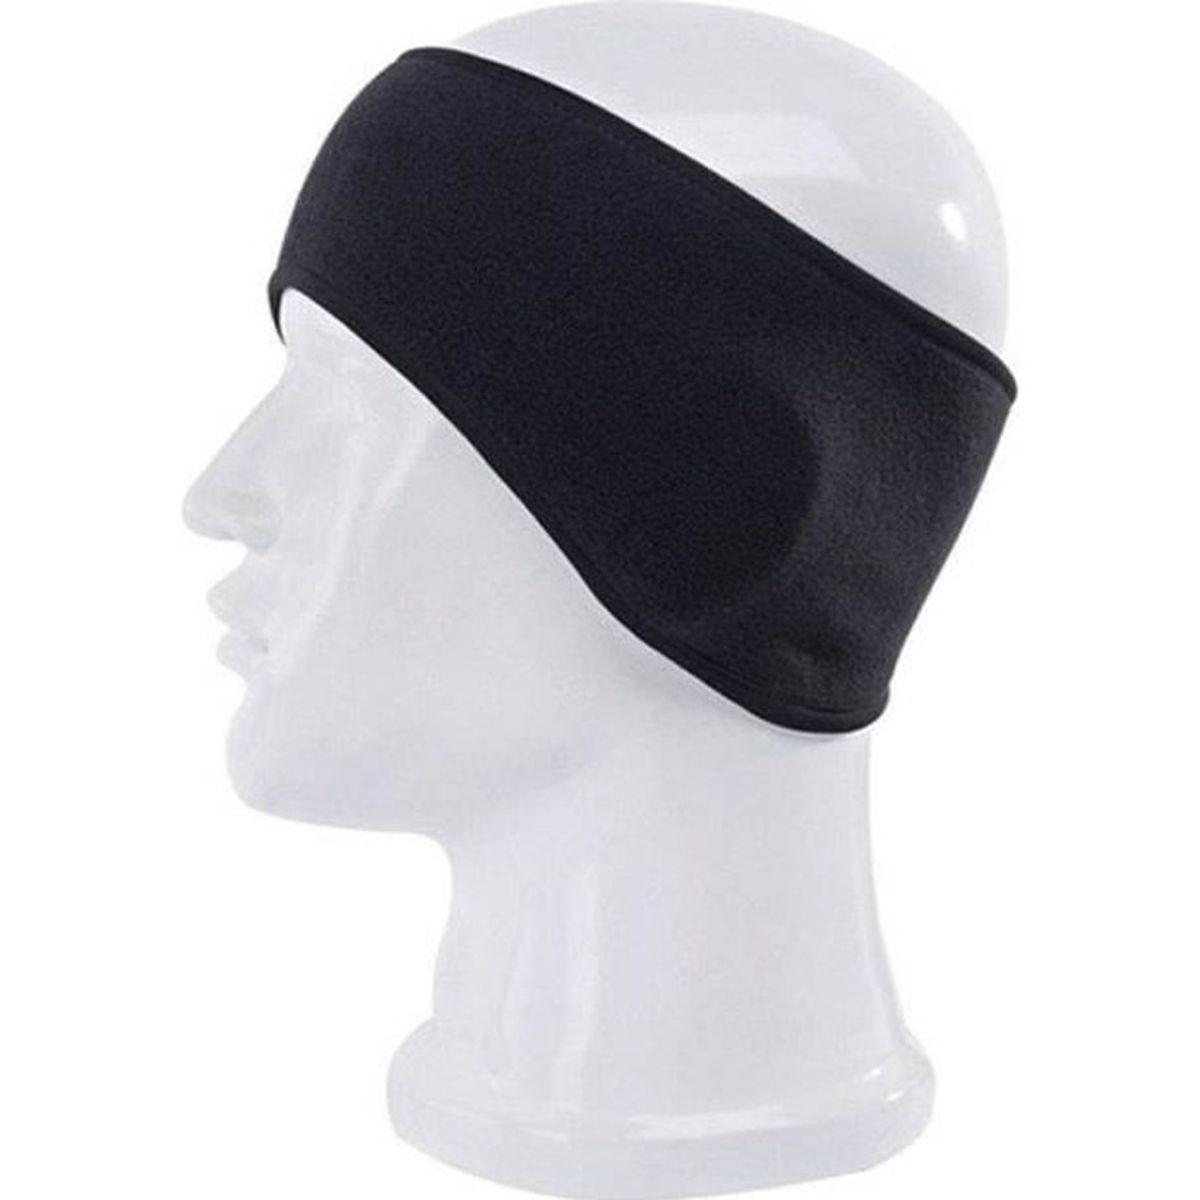 Gris polaire bandeau hiver chaud chapeau oreille manchon chaud ski snowboard homme femme